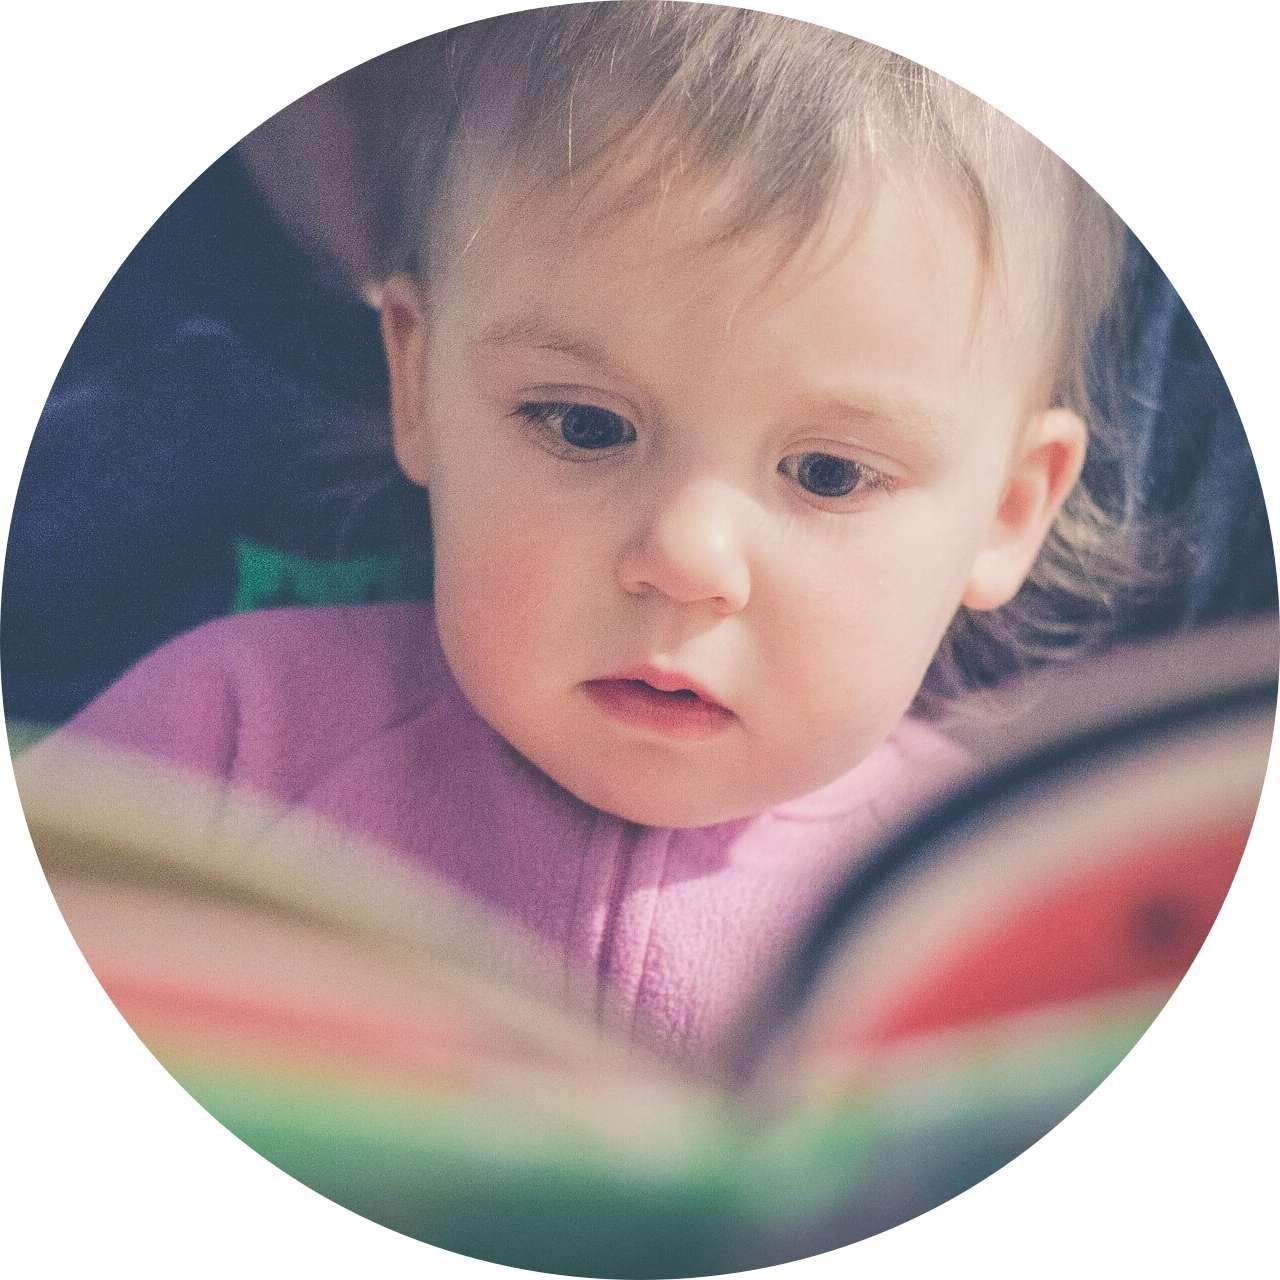 progetti educazione lettura libreria ponteponente